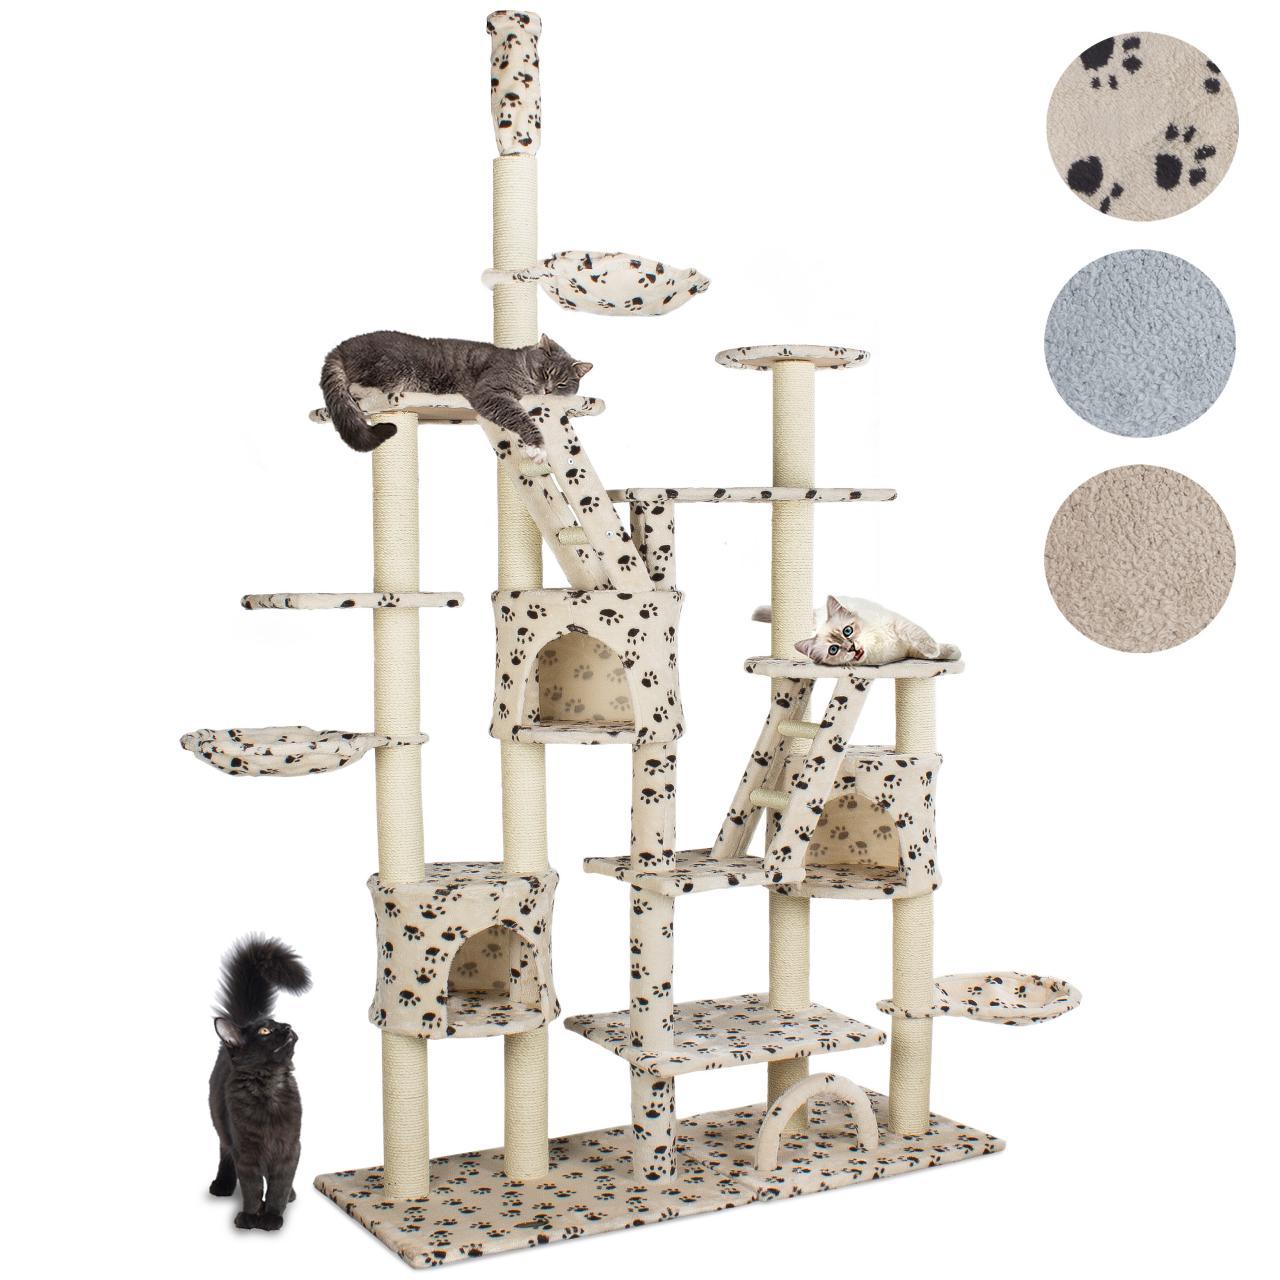 kratzbaum katzenkratzbaum katzenbaum katzen gro farbwahl. Black Bedroom Furniture Sets. Home Design Ideas